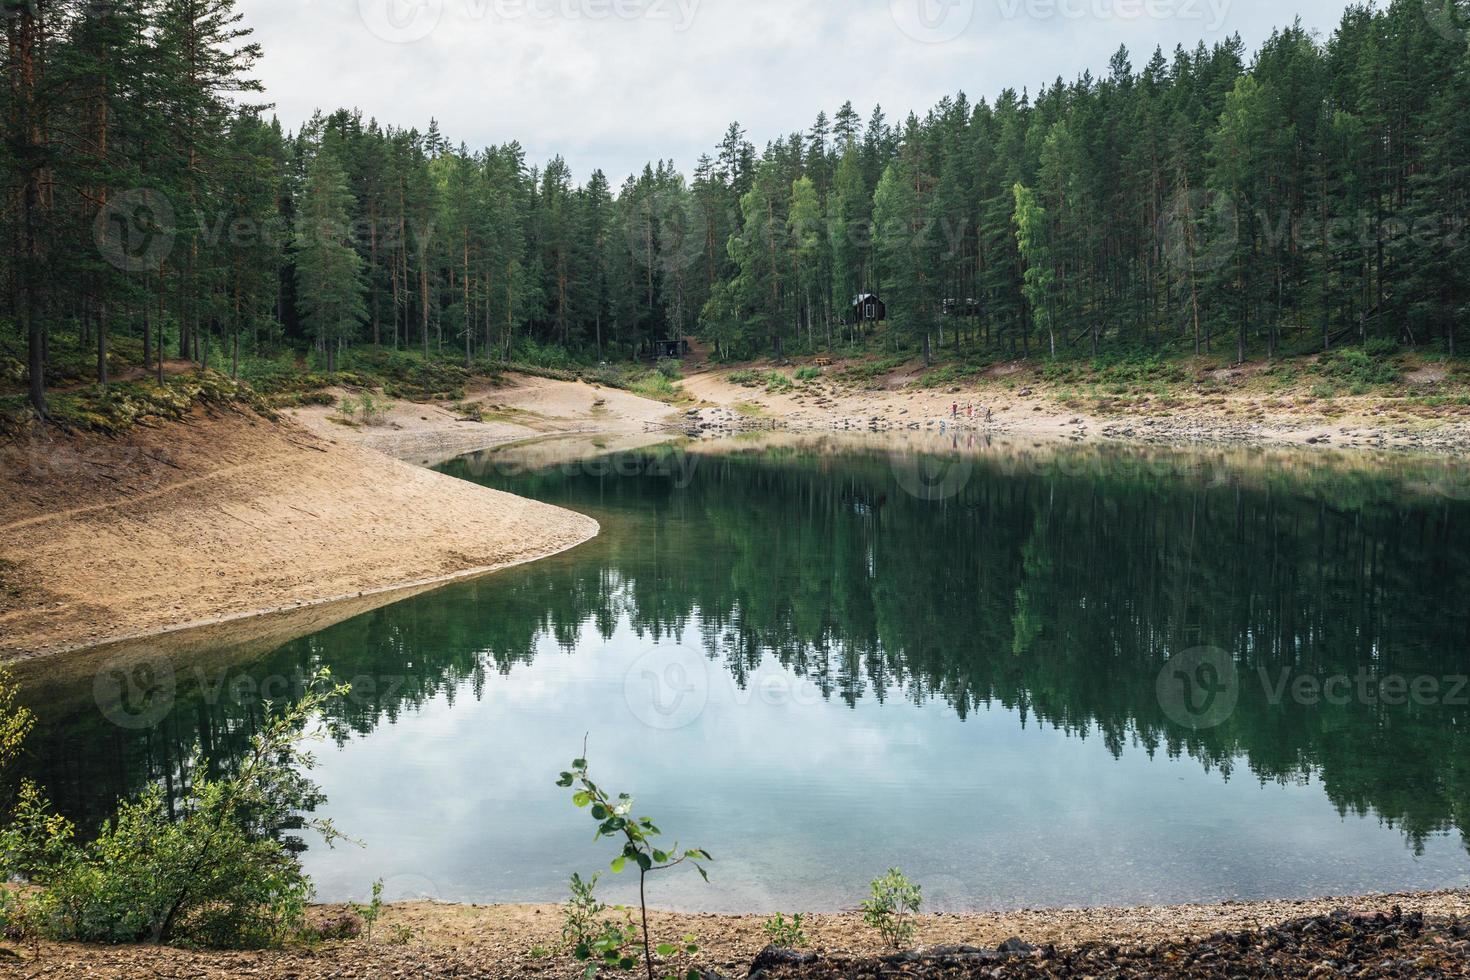 Belle vue depuis la réserve naturelle du Tarn vert en Suède photo